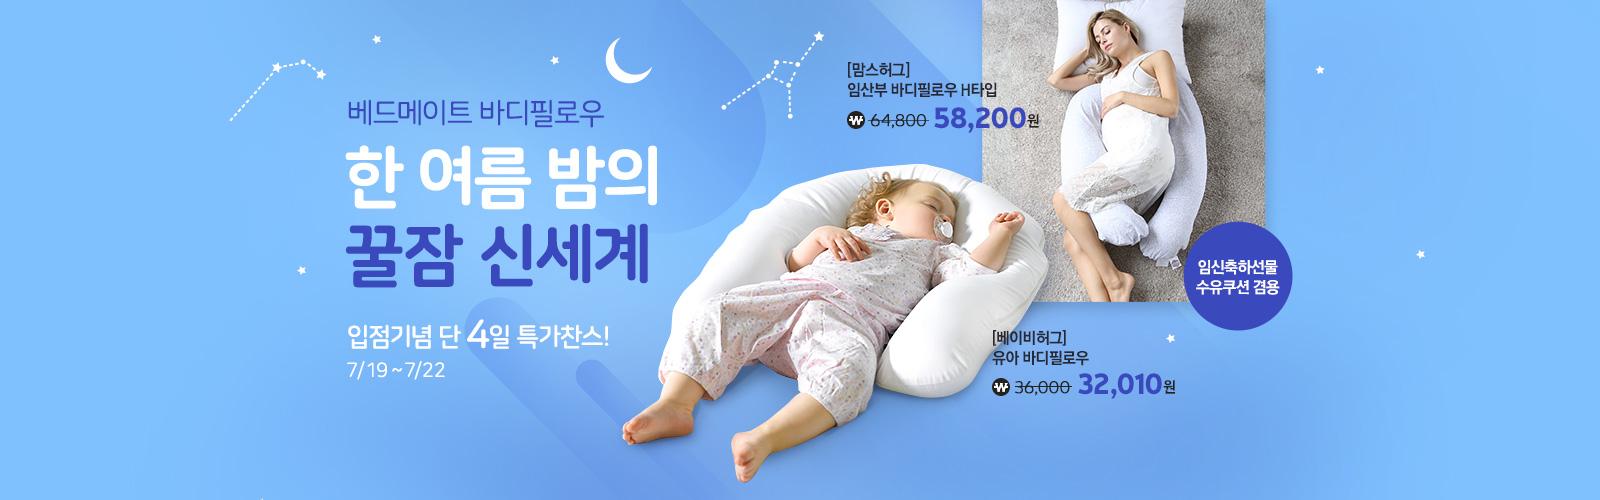 ★베드메이트★ 맘스허그 바디필로우